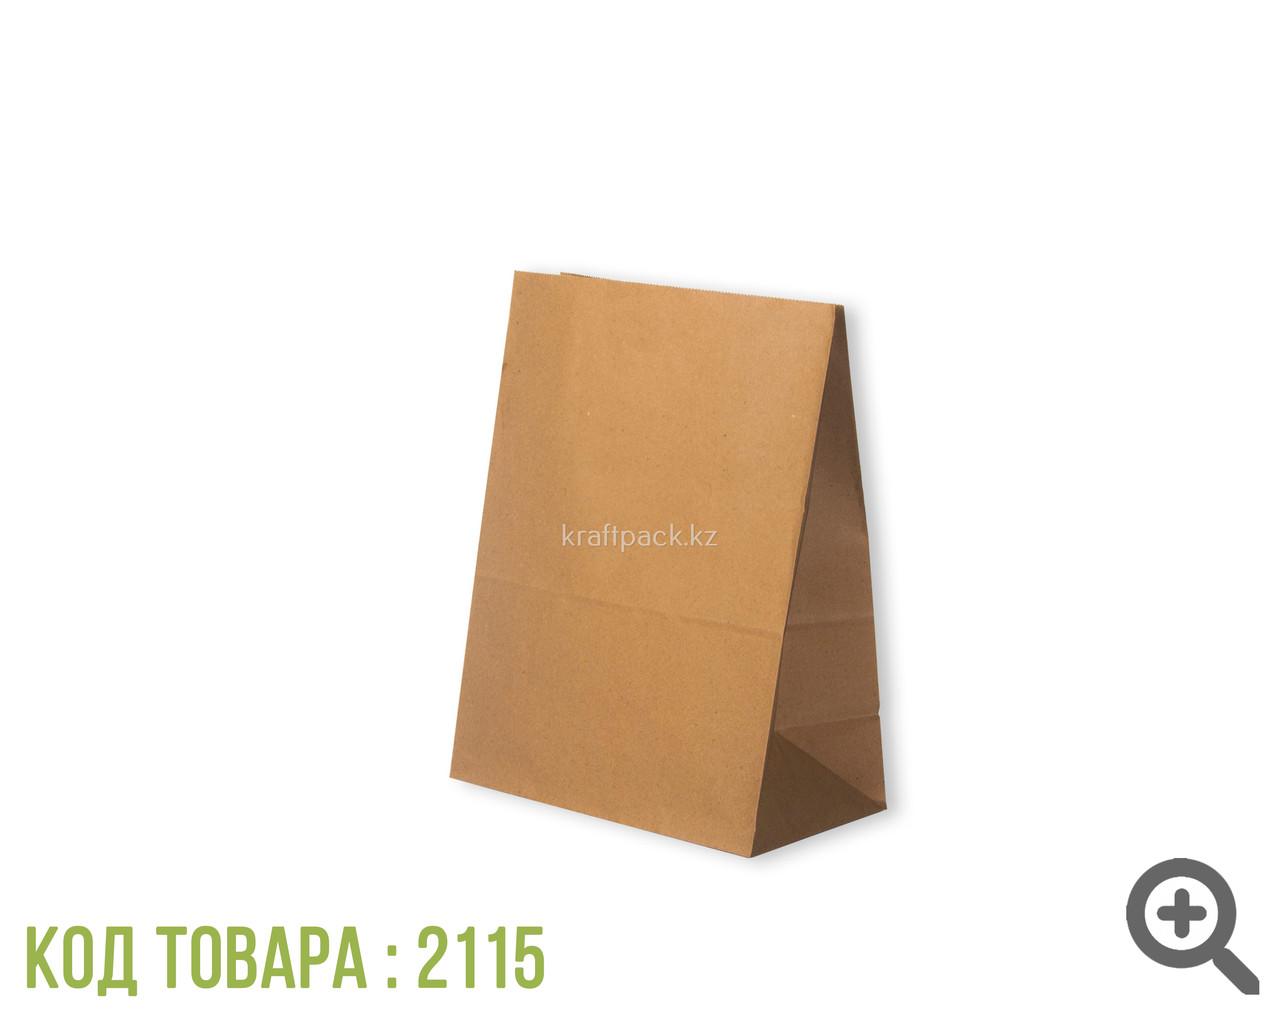 Пакет крафт 70гр, с прямоугольным дном 220*120*290 мм (700шт/уп)